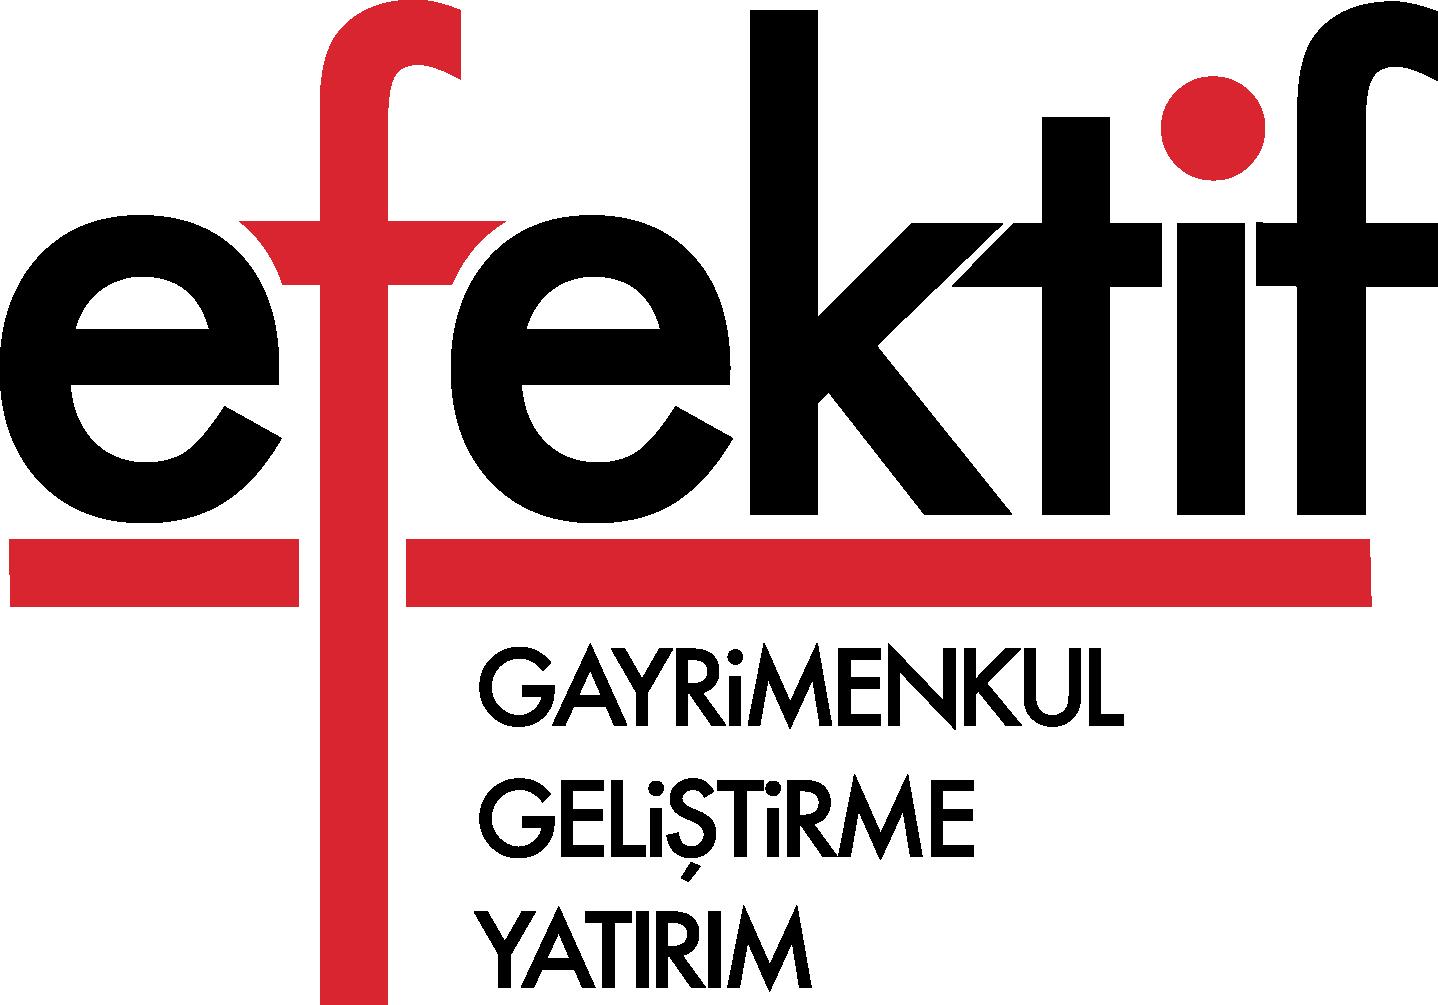 efektif_logo